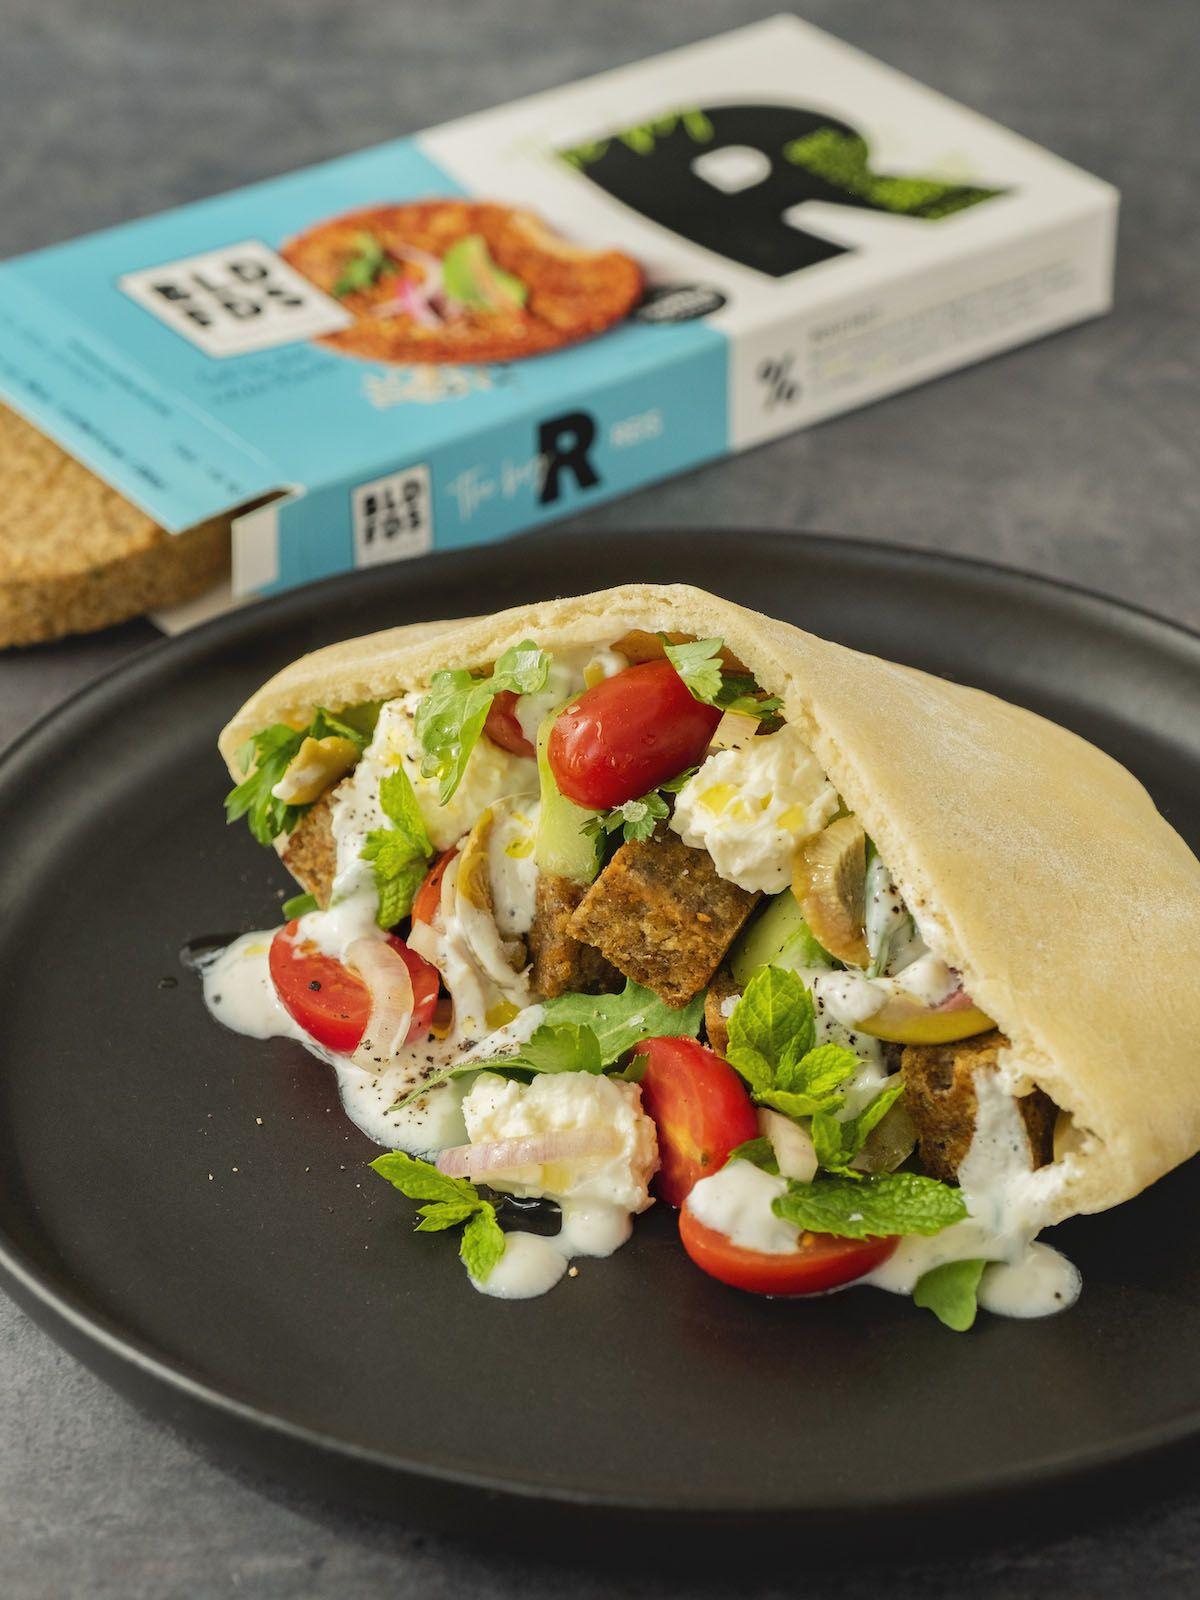 Foodblog, About Fuel, Rezept, Bold Foods The big R Knusperwürfel im Pitabrot mit griechischem Salat, Ruccola und Joghurt-Zitronen-Soße, Tomaten, Feta